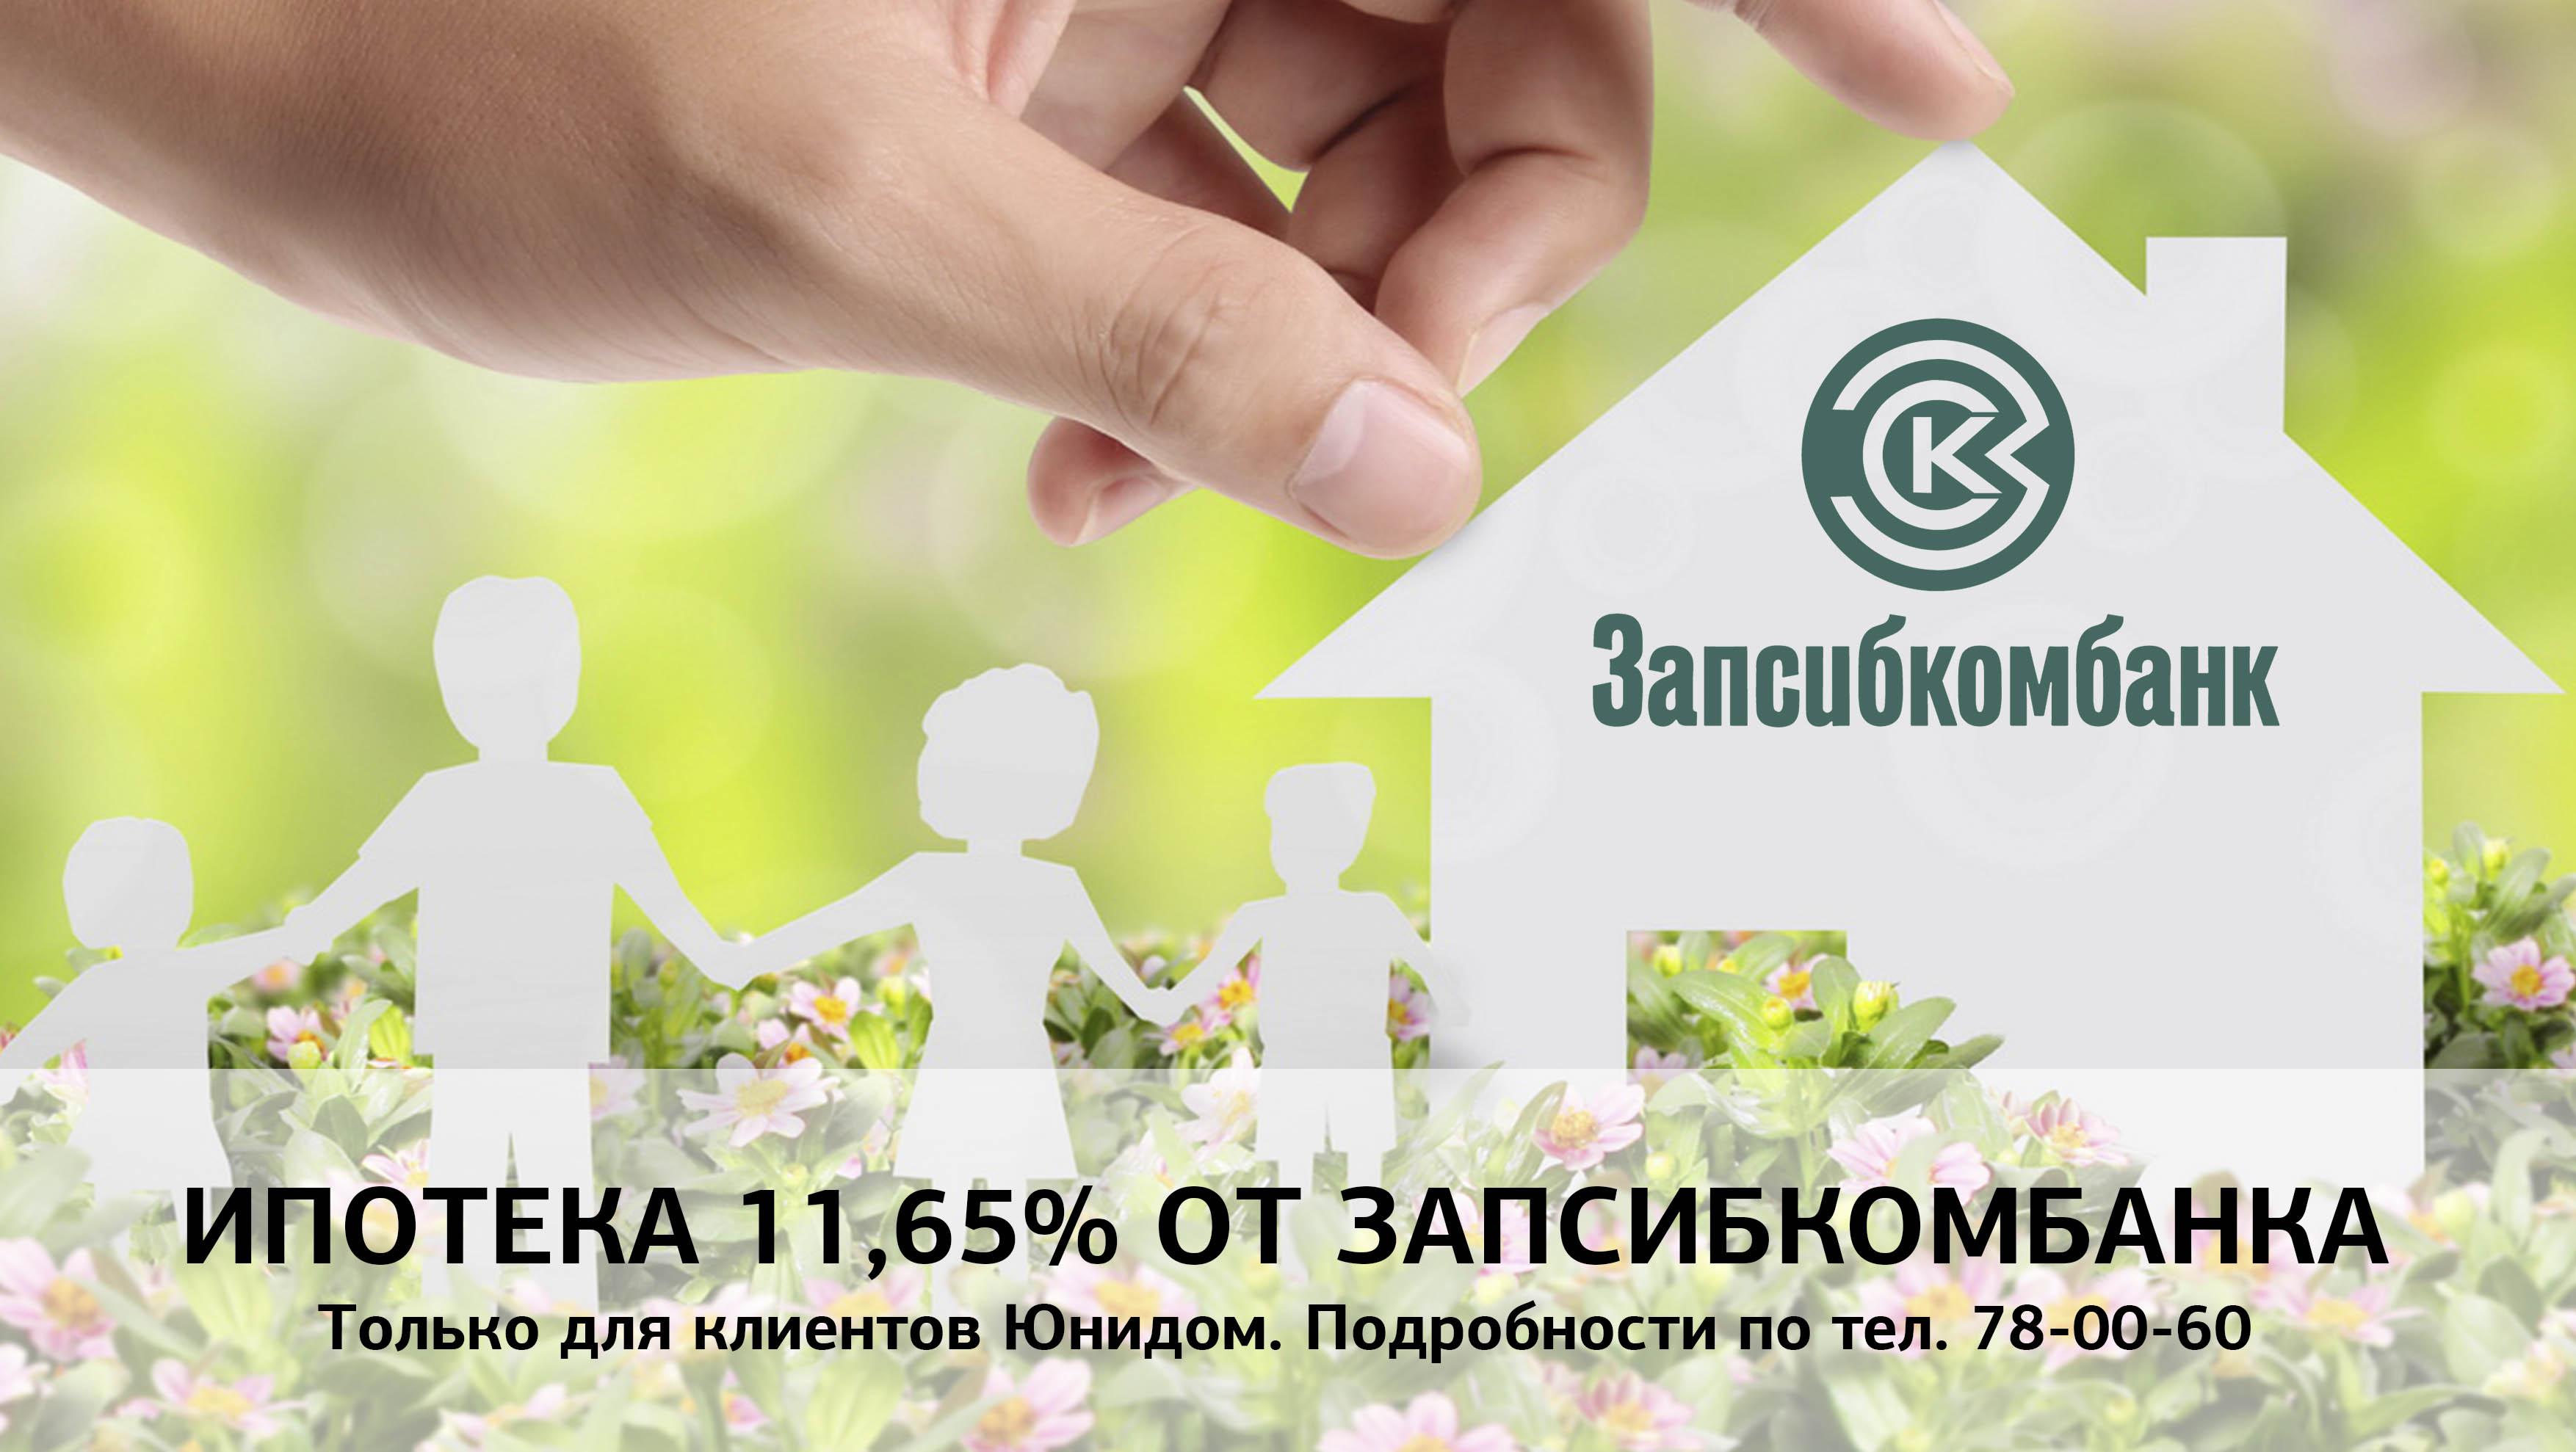 Только для клиентов АН «ЮНИДОМ» ипотека в Запсибкомбанке 11,65%